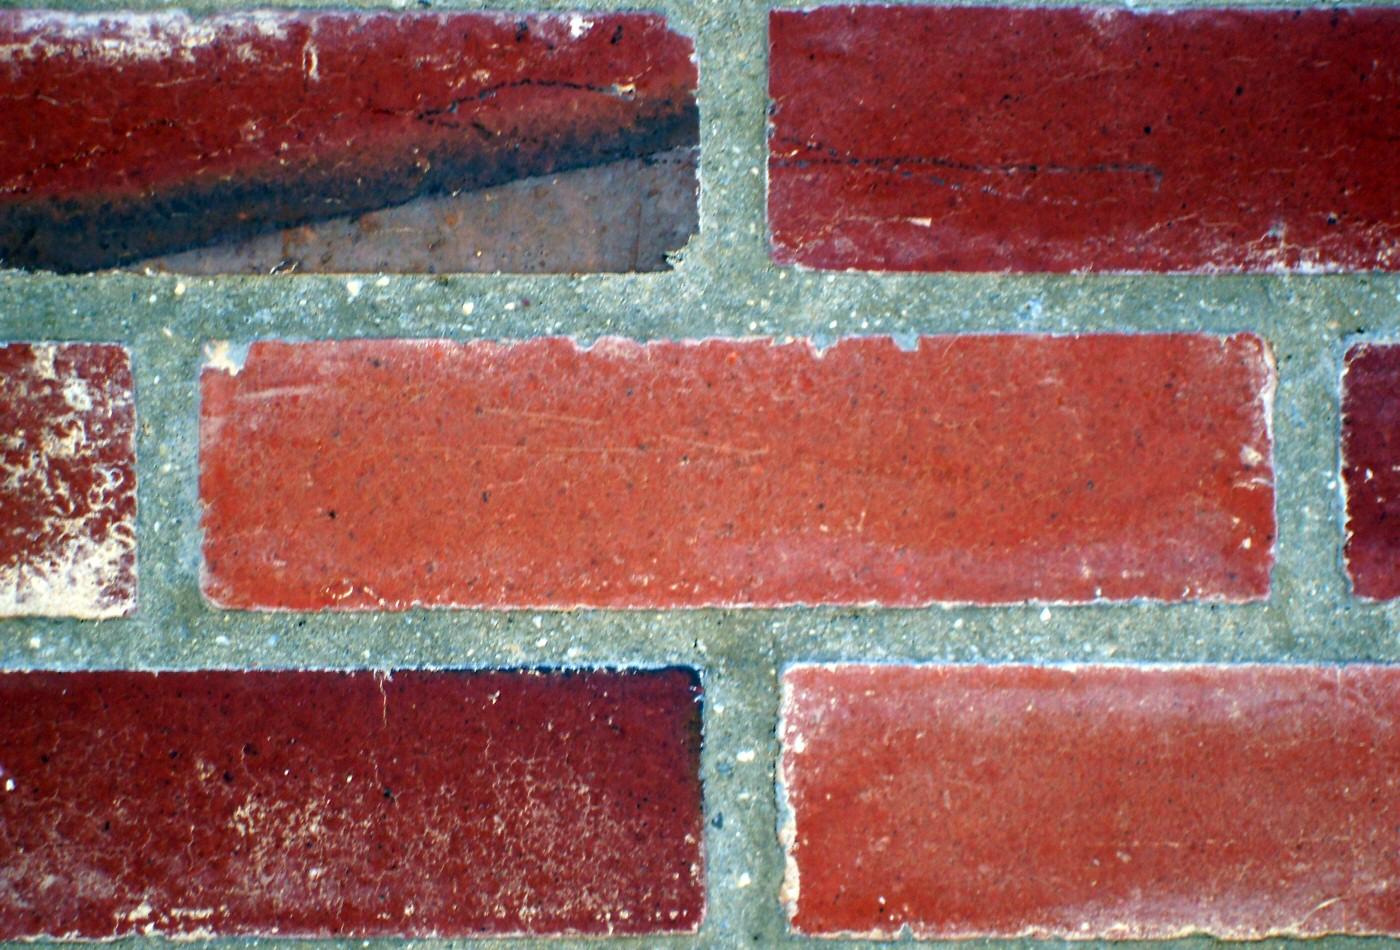 photographie de briques rouges